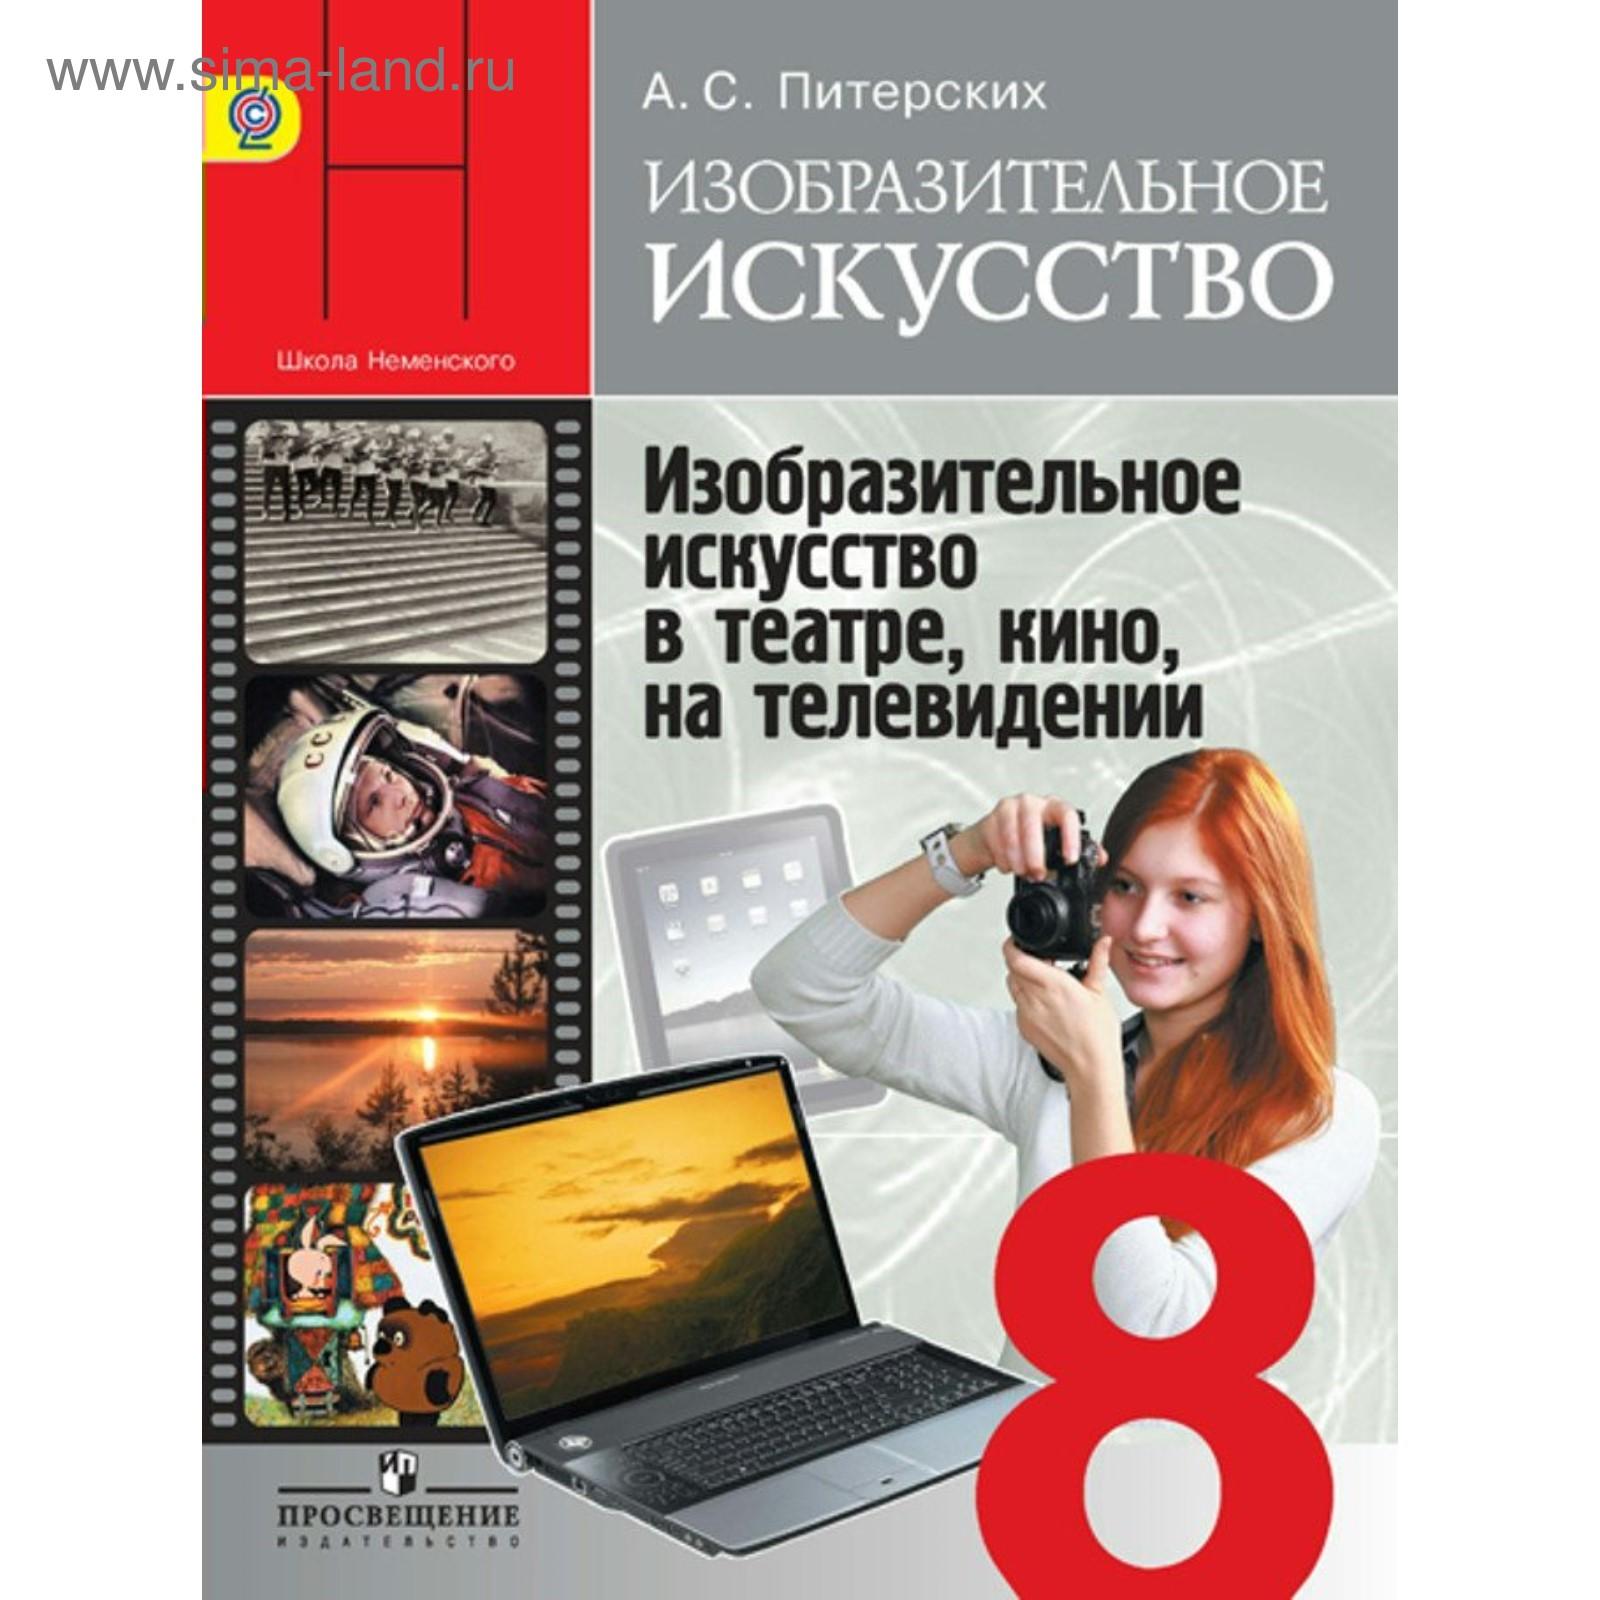 Учебник искусство 8-9 класс сергеева кашекова критская читать.